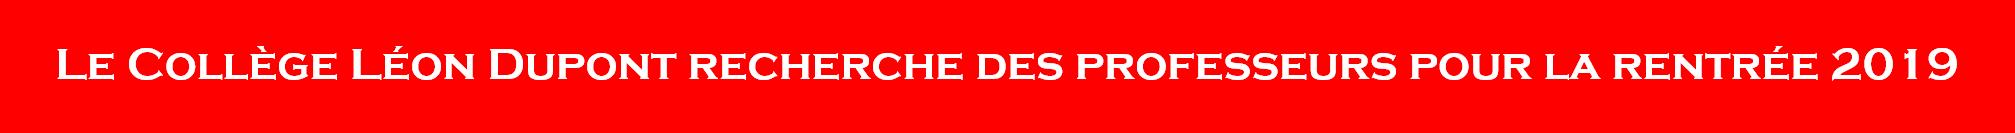 Le collège Léon Dupont recherche des professeur pour la rentrée 2019